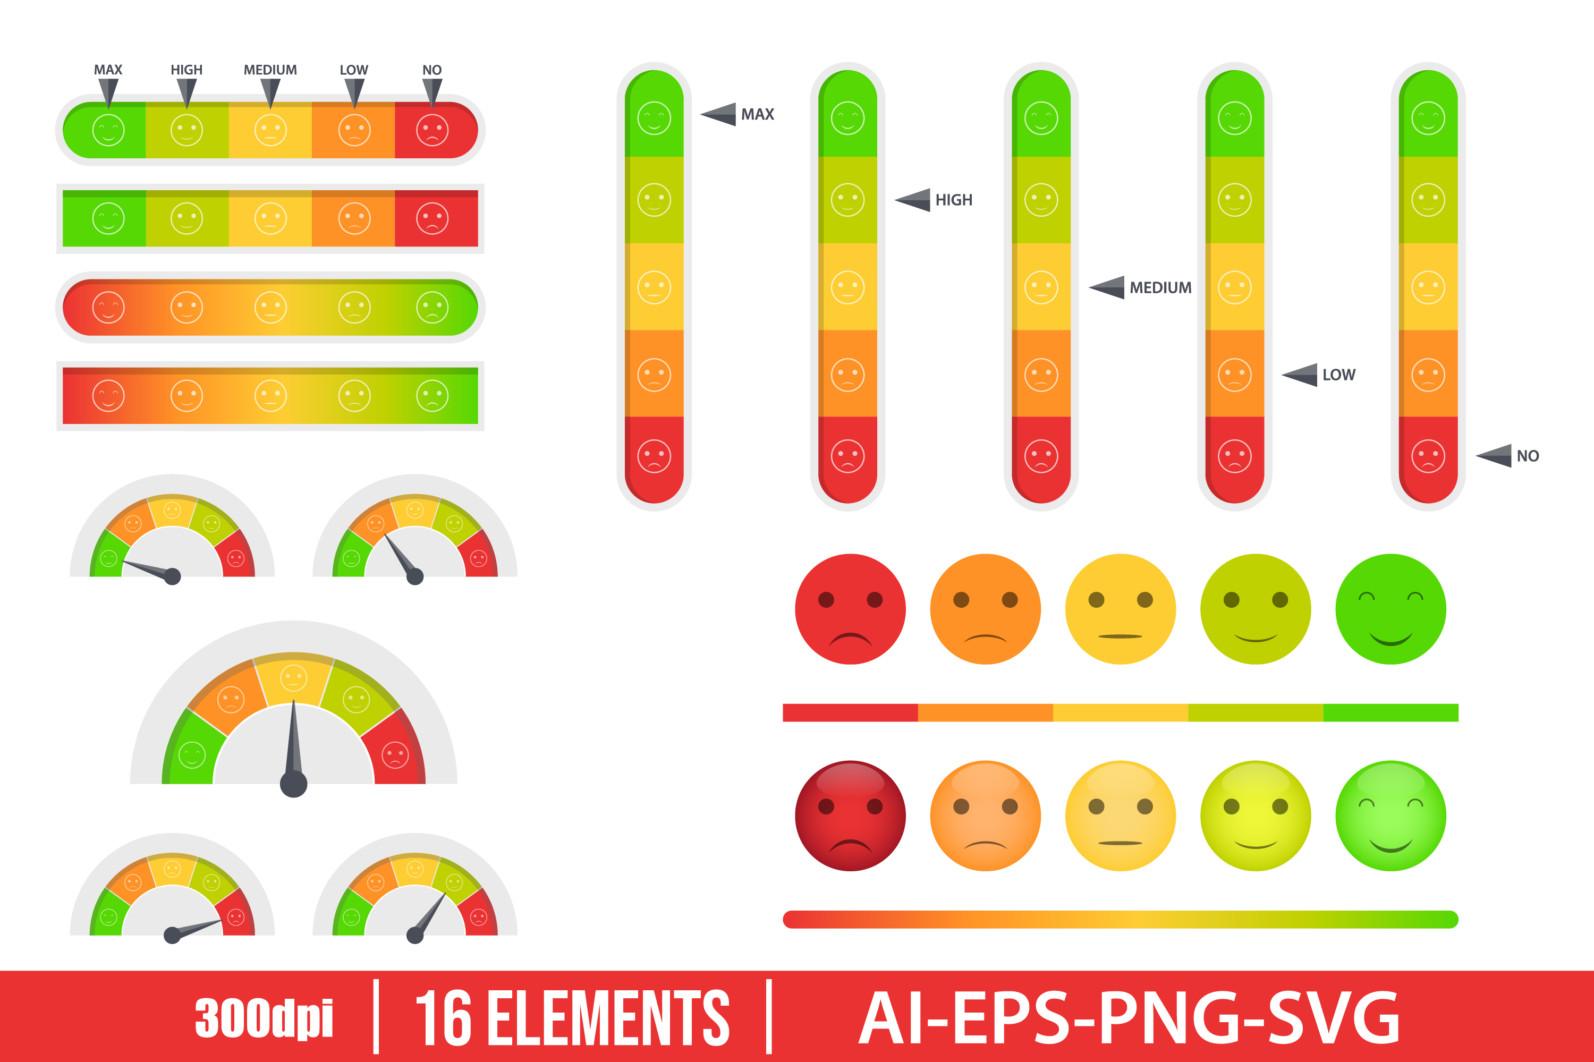 Customer feedback clipart vector design illustration. Customer feedback set. Vector Clipart Print - CUSTOMER FEEDBACK scaled -